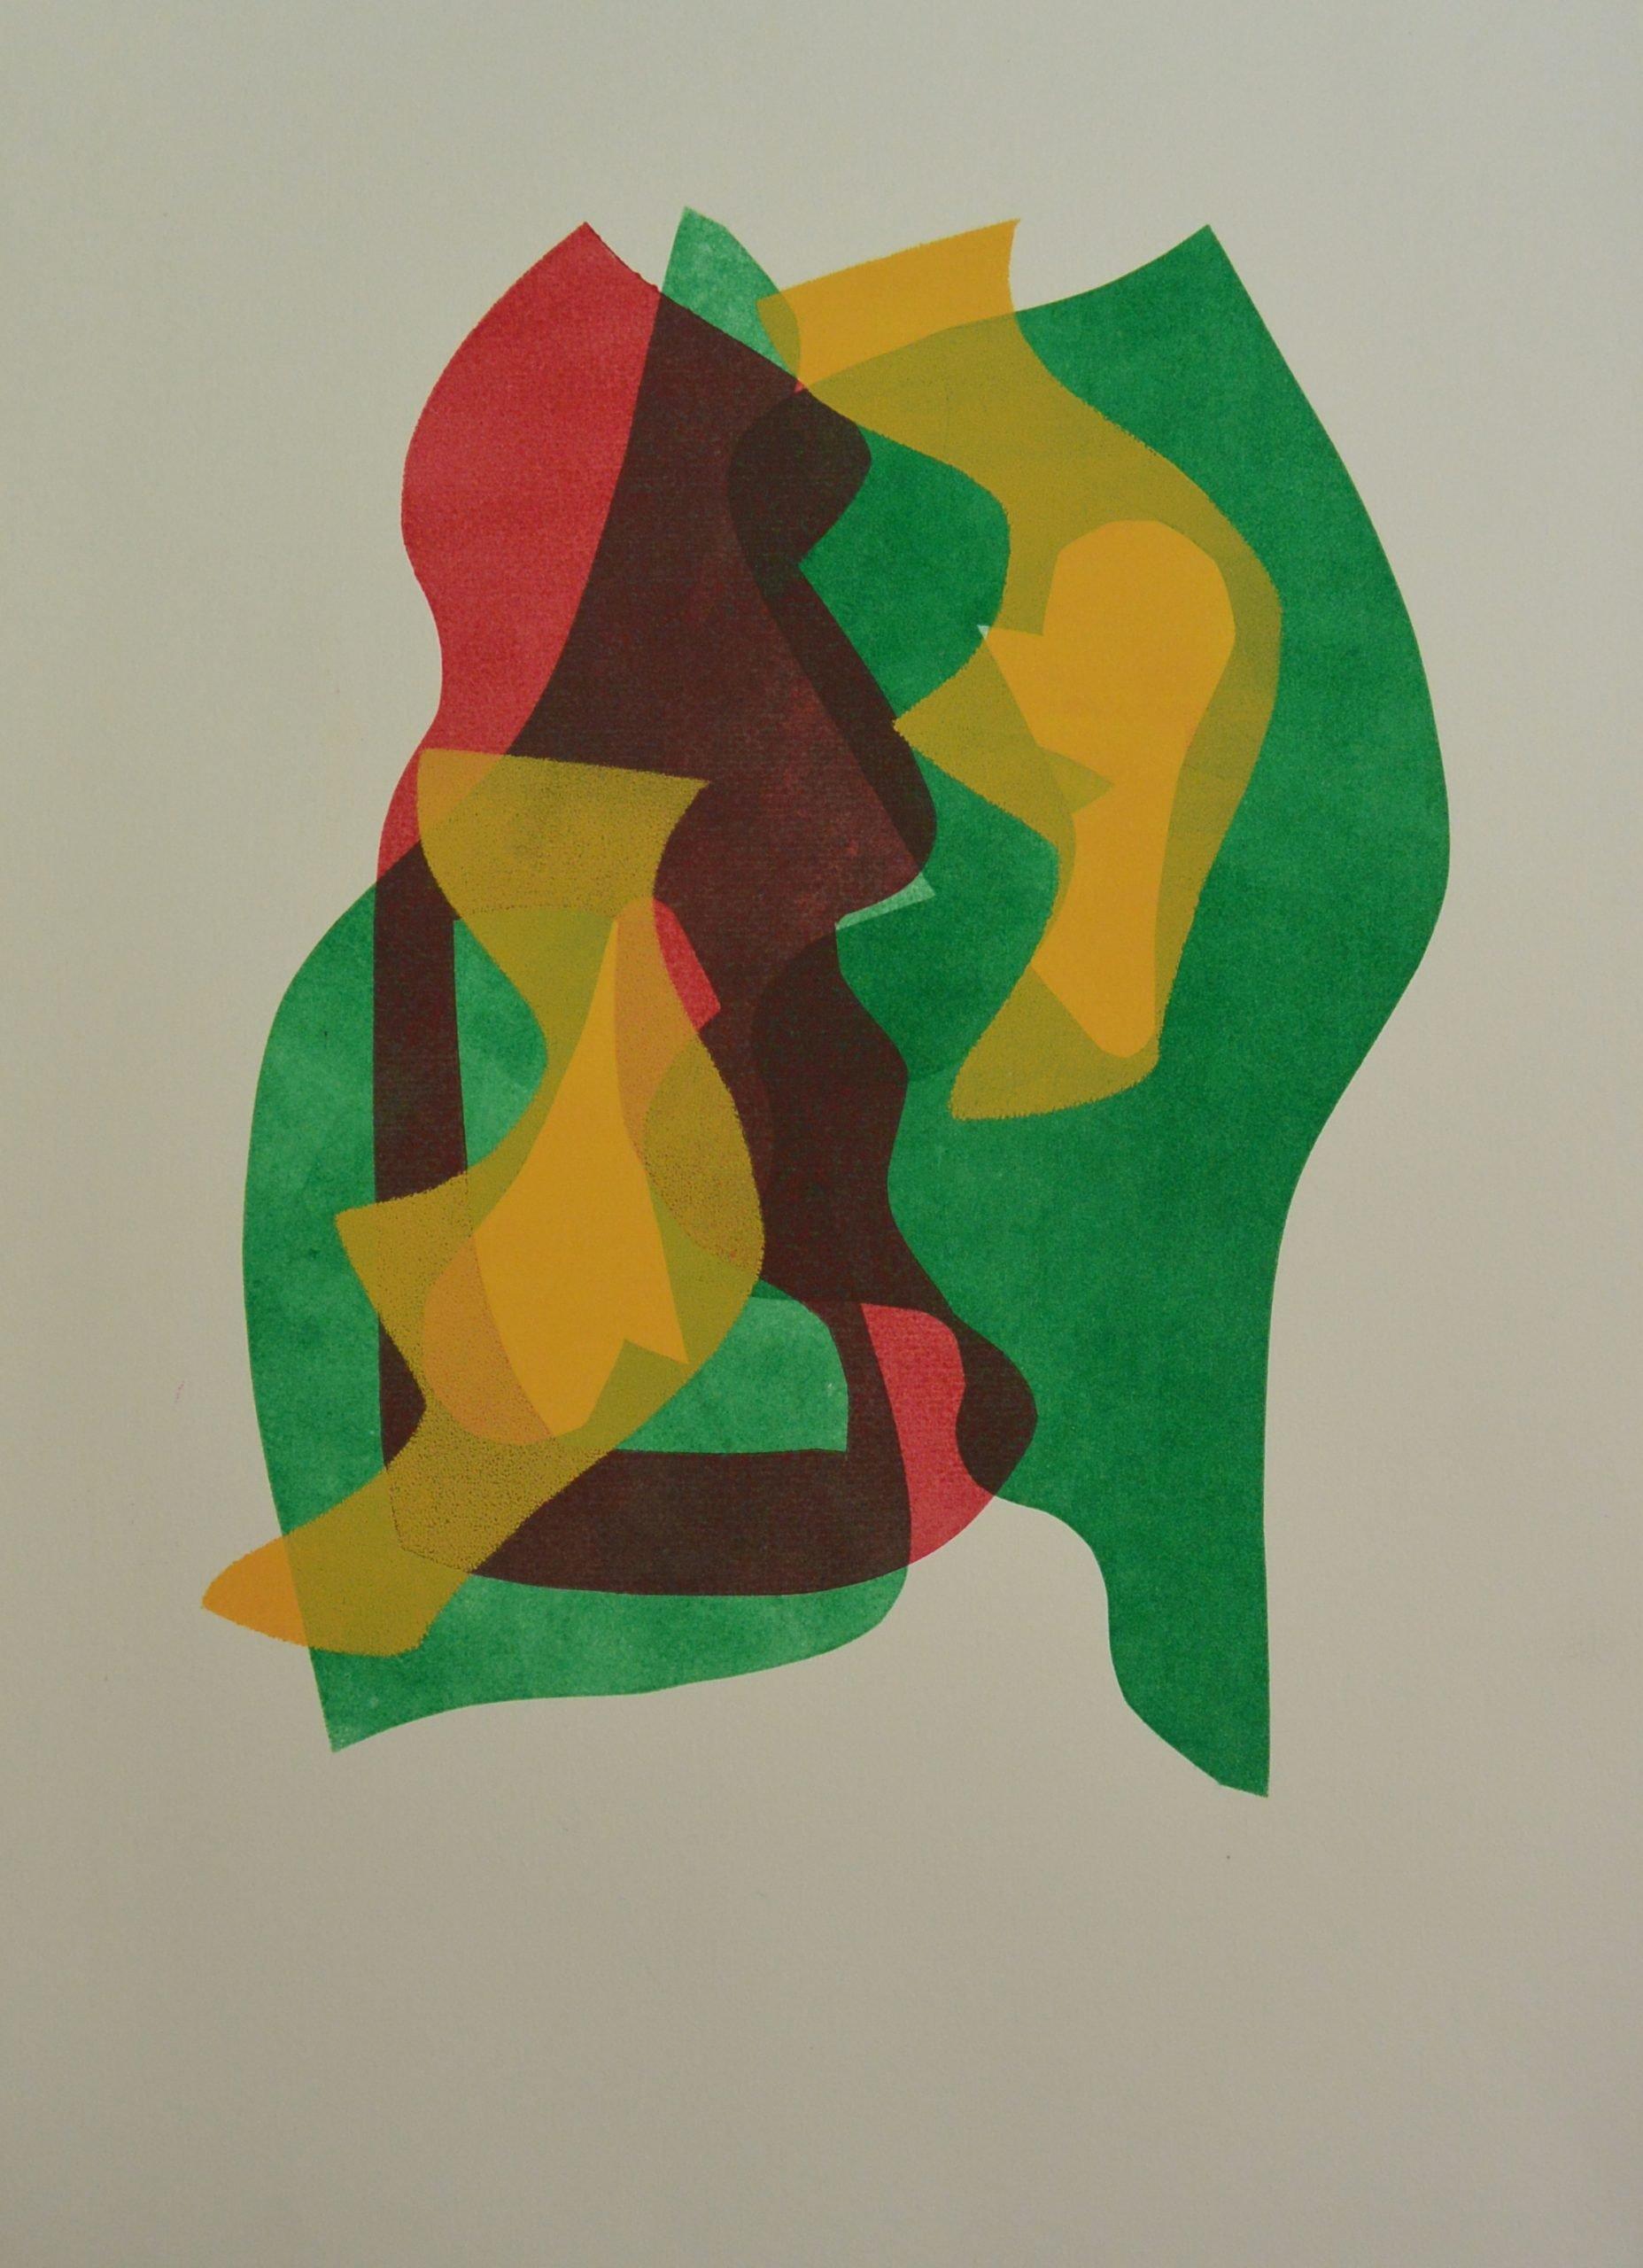 M.W-057 Wielinga, Collage